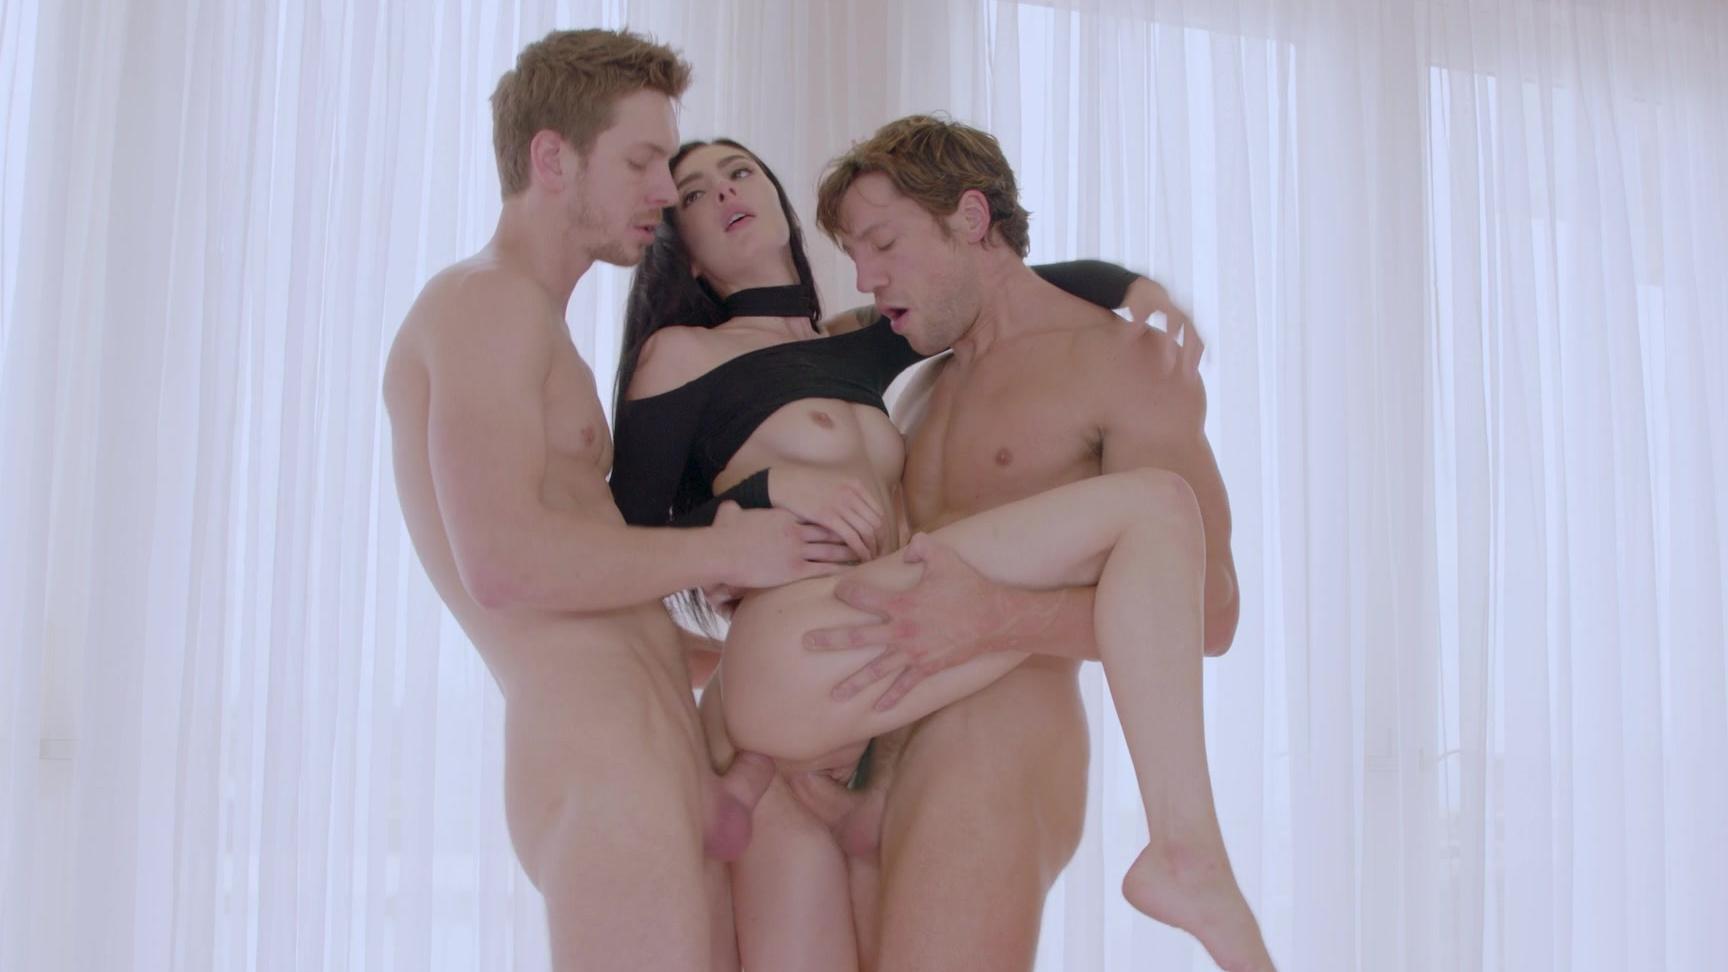 Marley Brinx wird von zwei fetten Schwänzen in DP 3some gedehnt